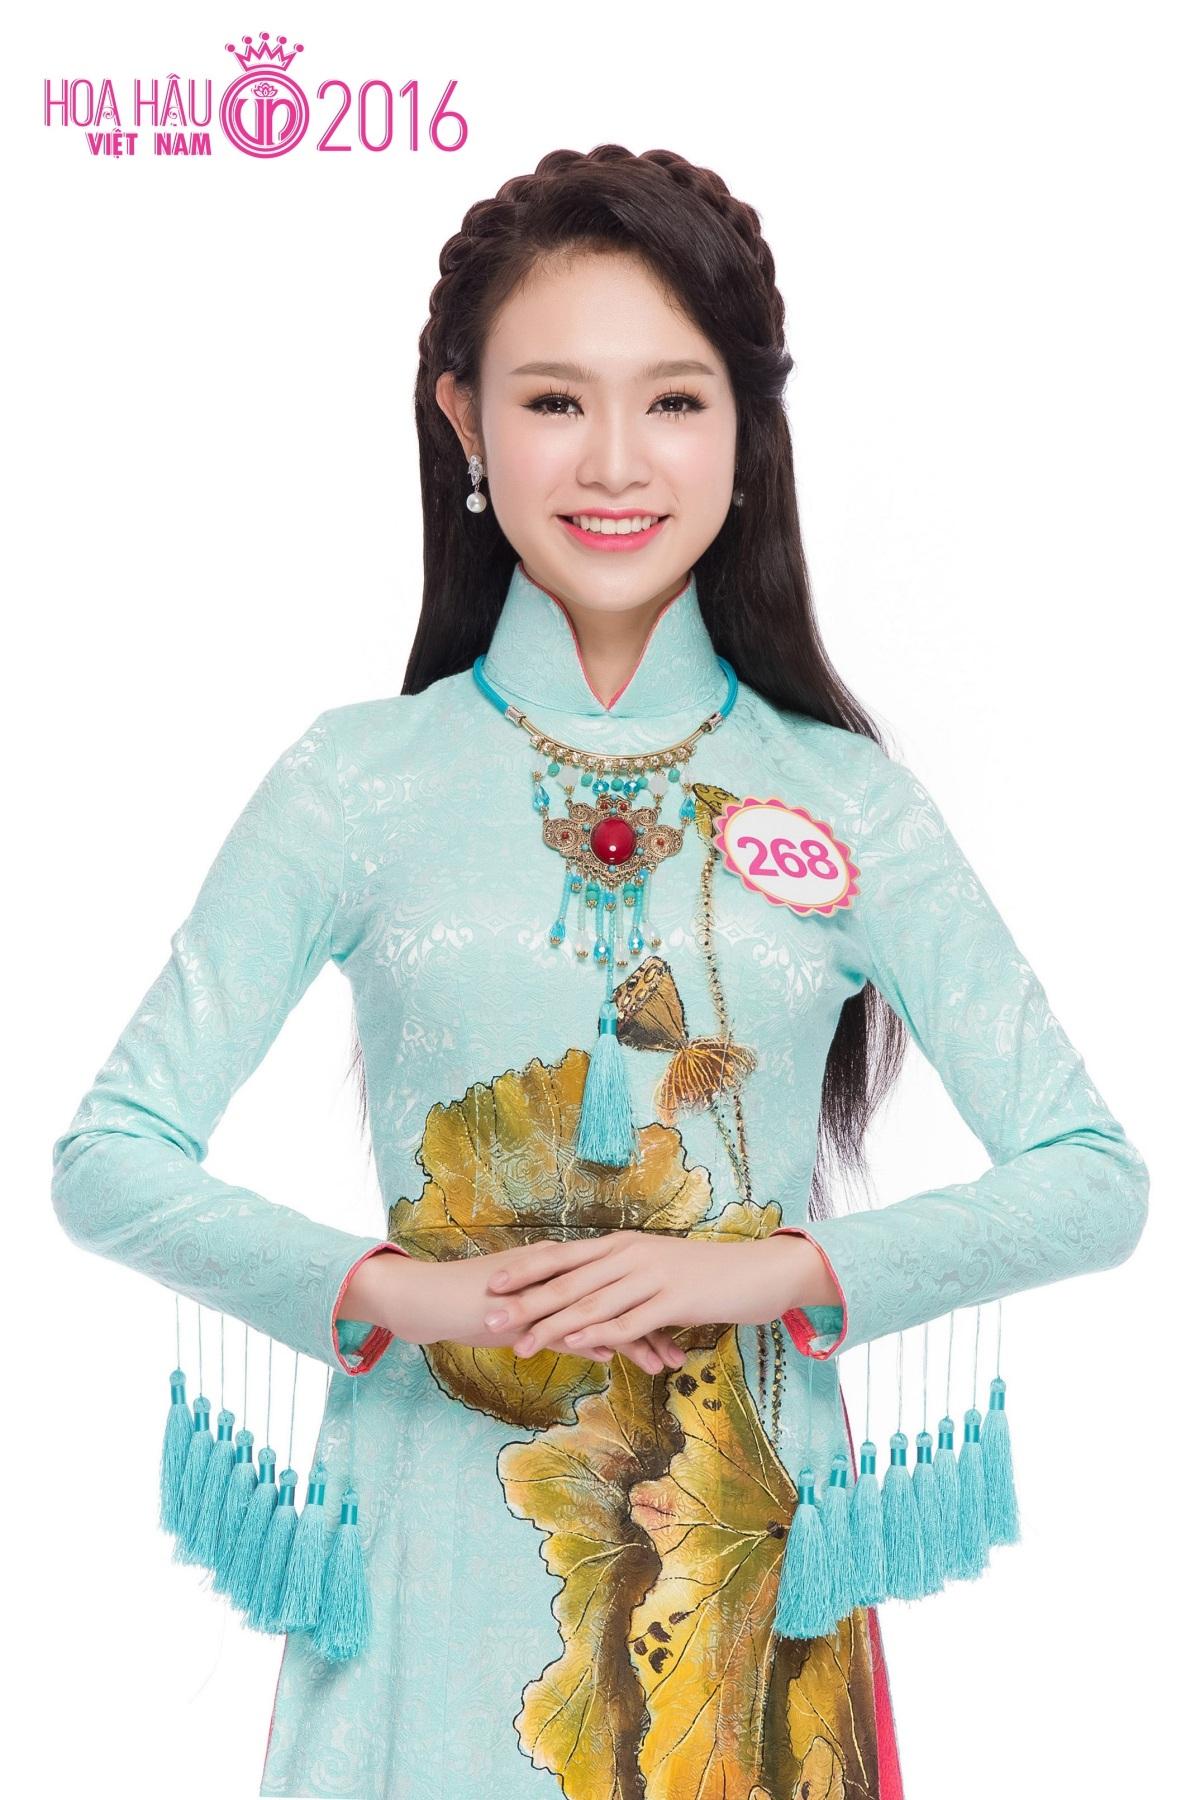 """Sinh năm 1997 tại Hà Nội, Phùng Bảo Ngọc Vân từng được mệnh danh là """"con nhà người ta"""" với bảng thành tích học tập khó người bì kịp."""